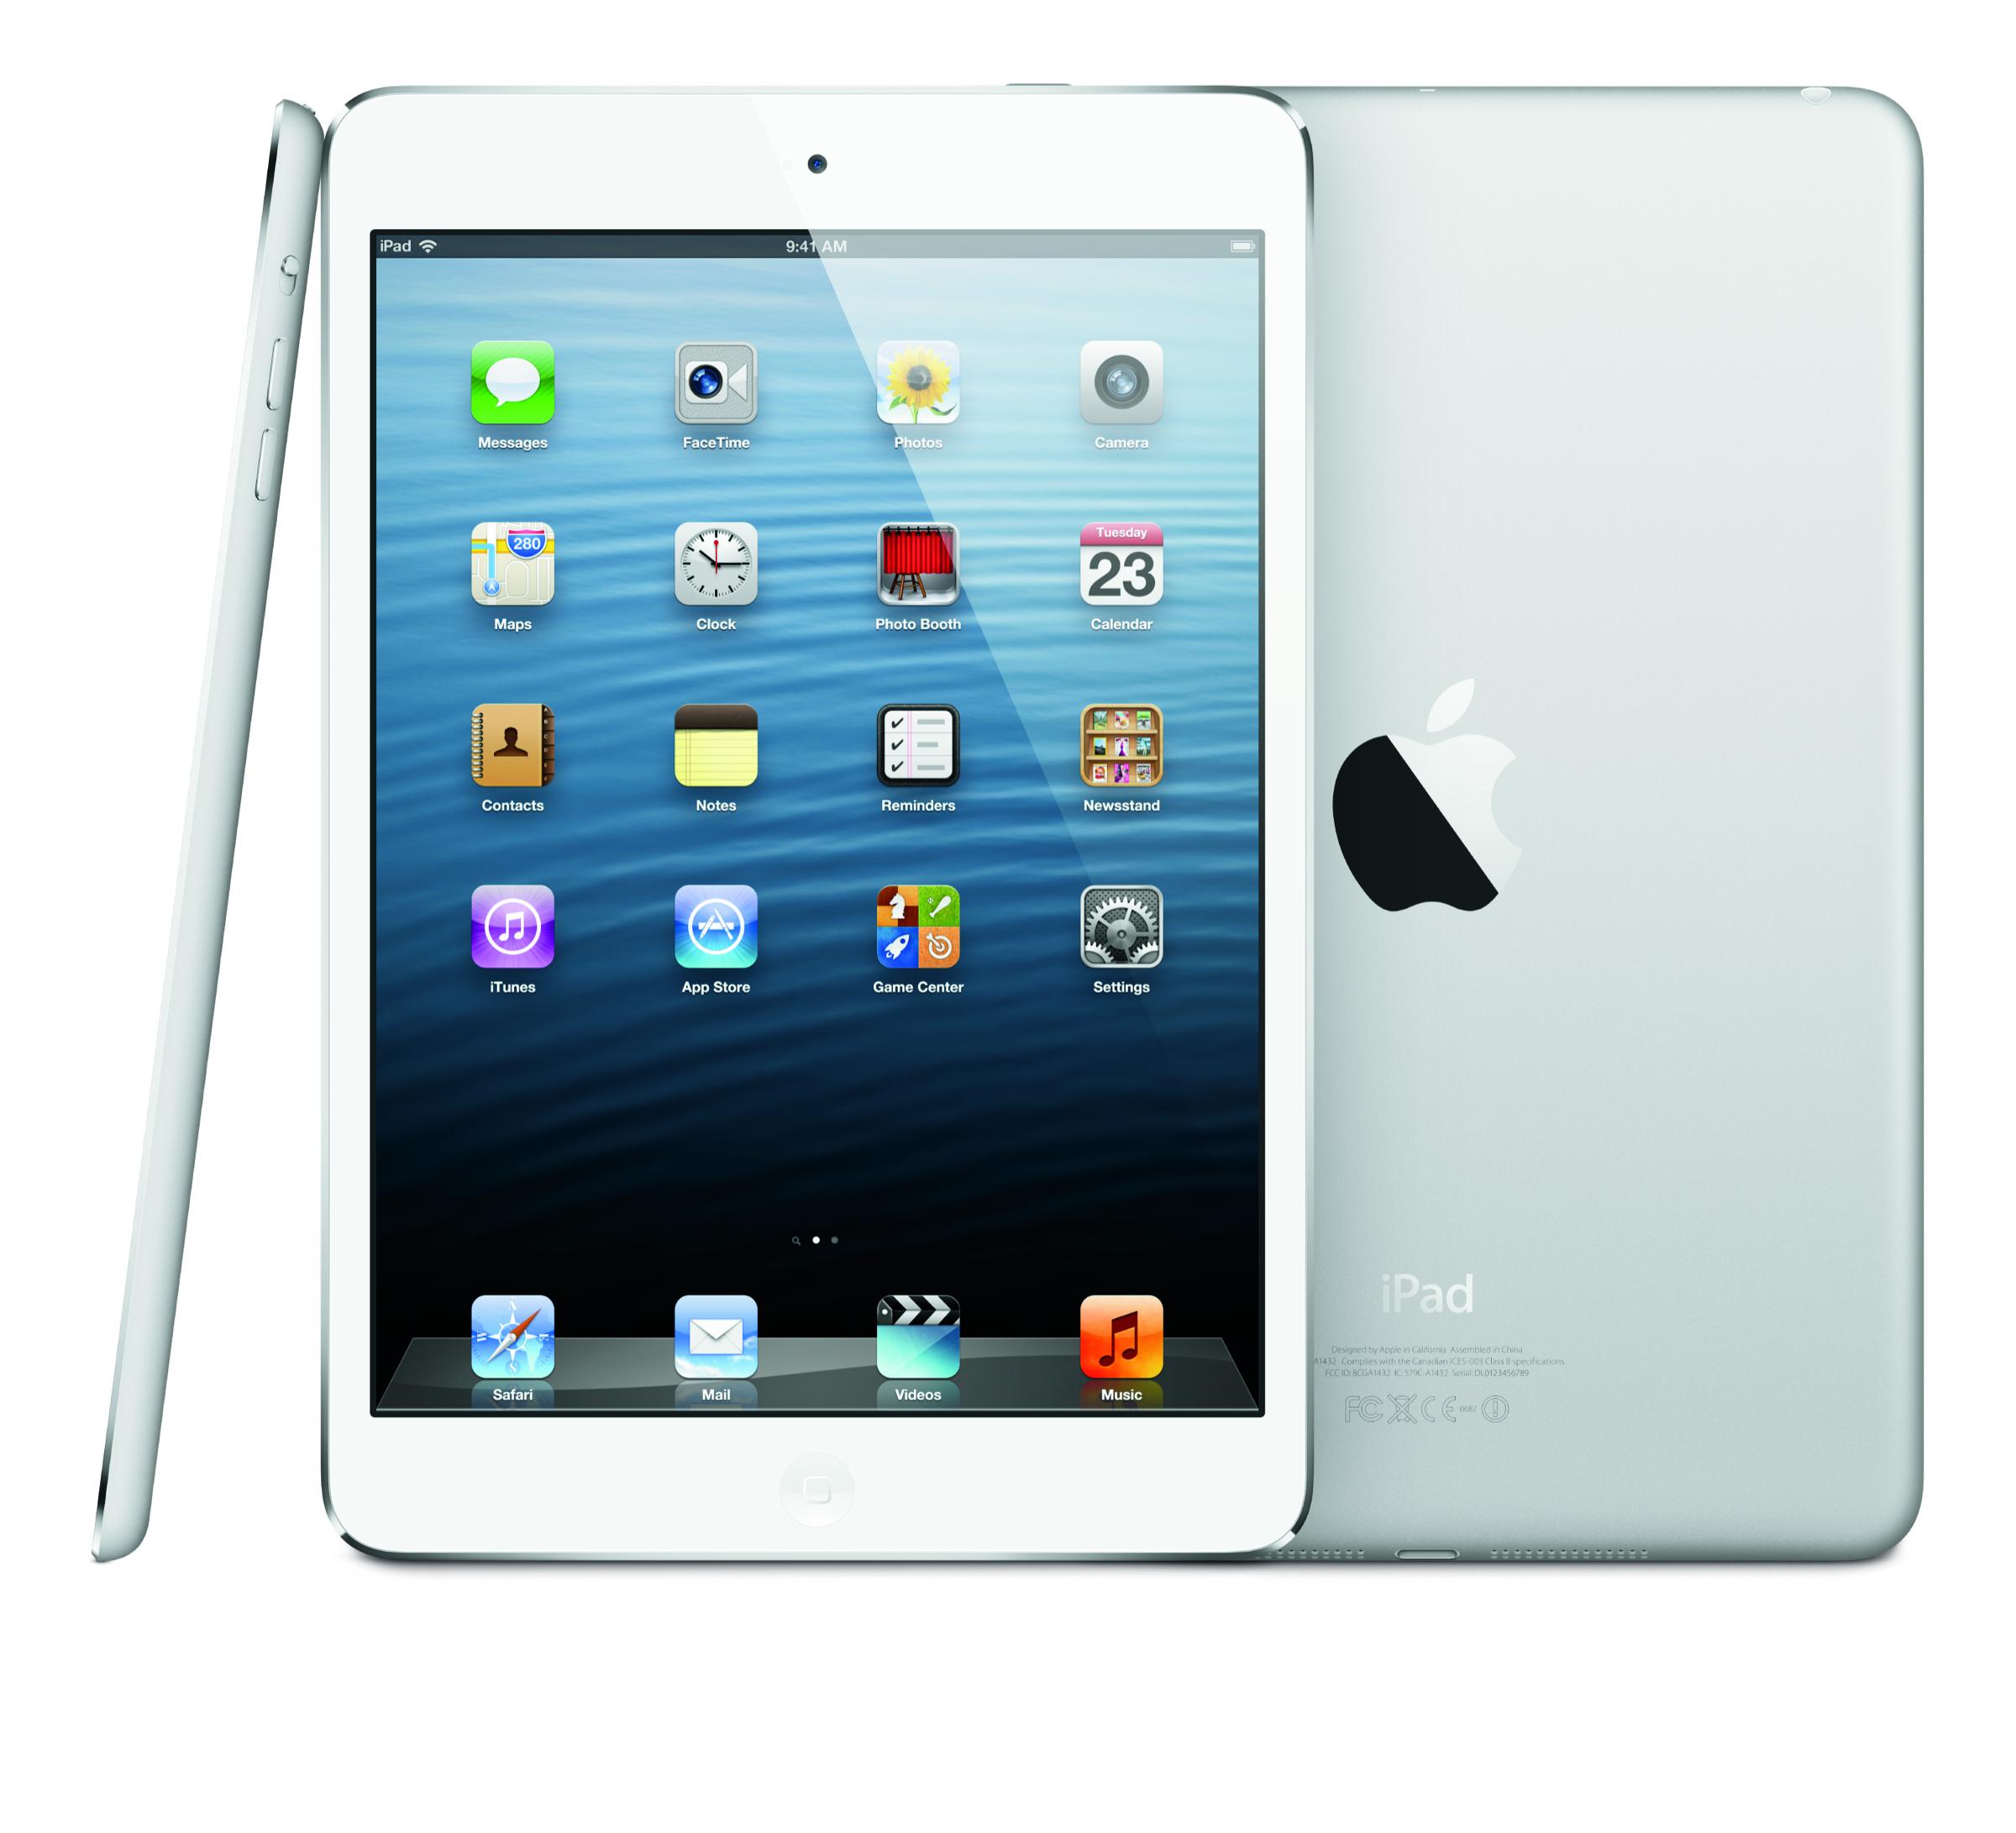 iPad_mini_PF_PB_PS_Wht_iOS6_PRINT.jpg